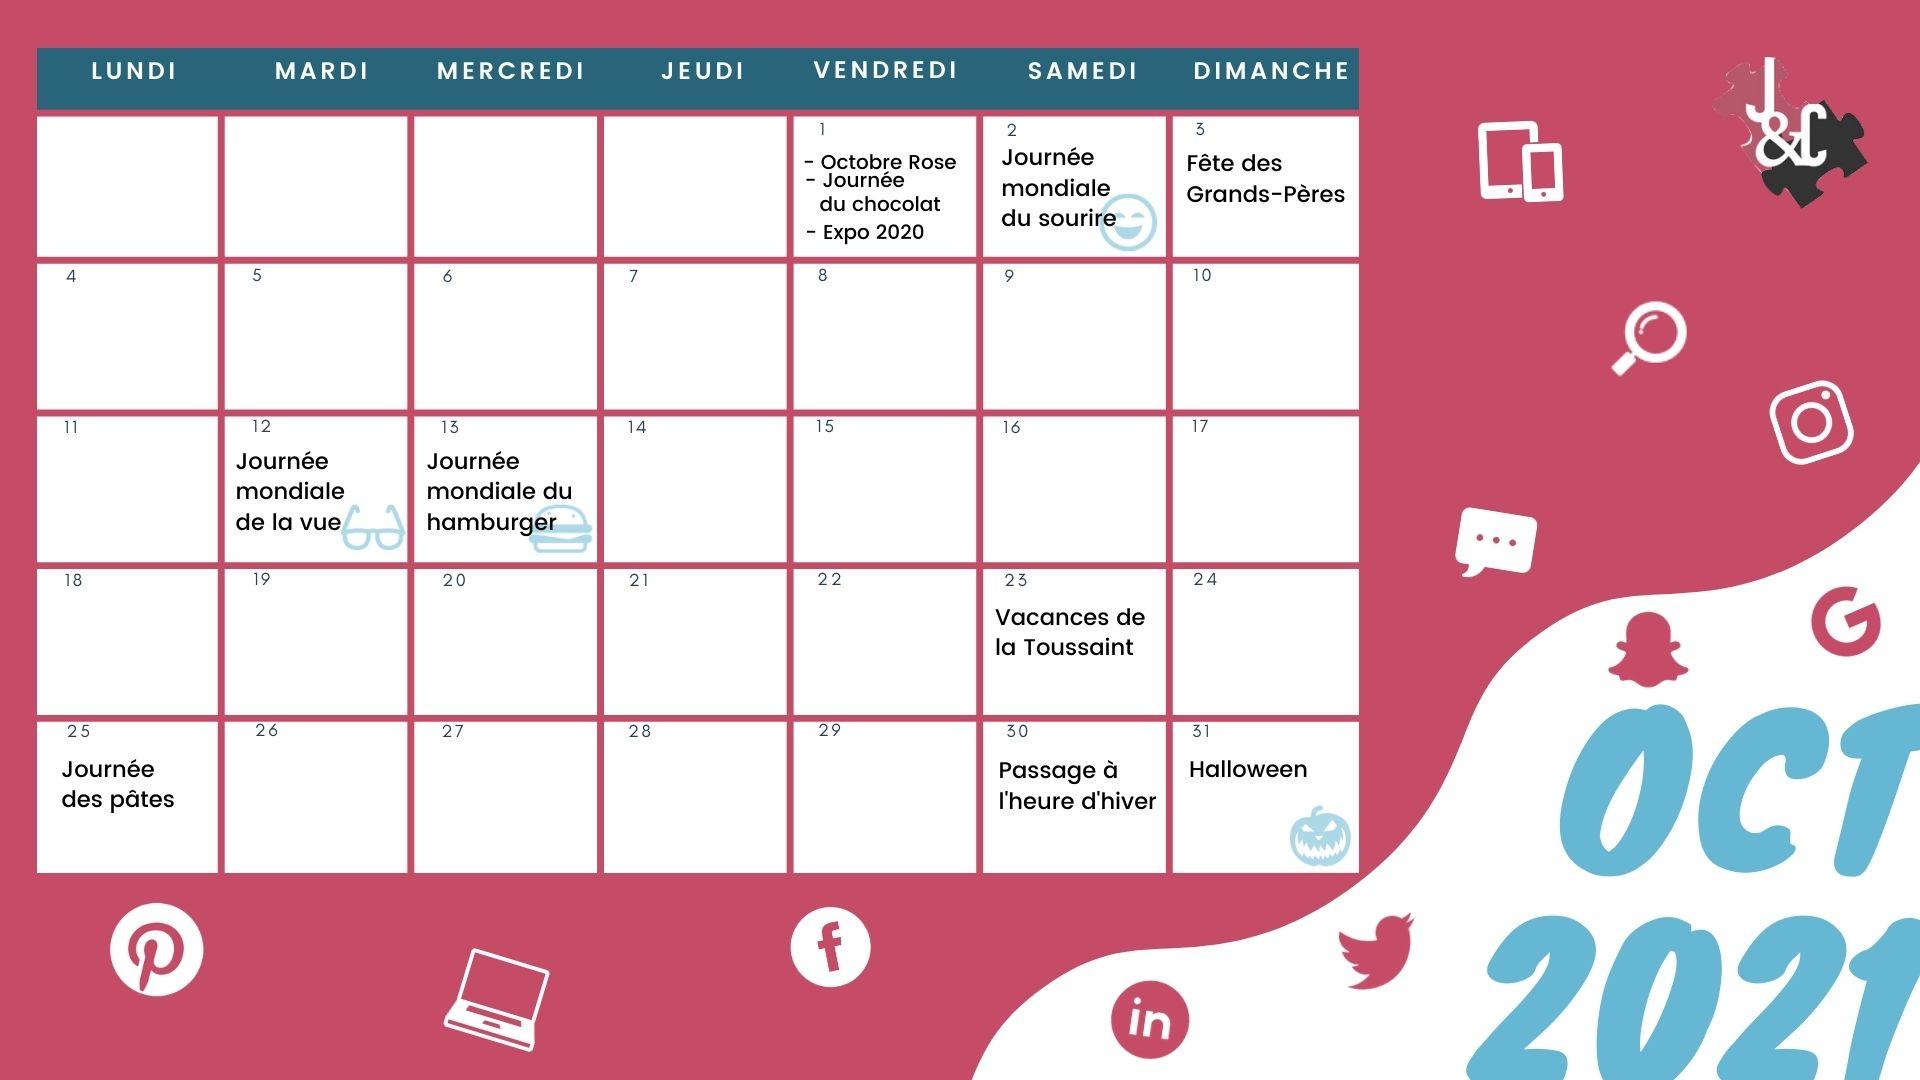 Retrouvez tous les événements du mois grâce à votre calendrier marronnier octobre 2021 !